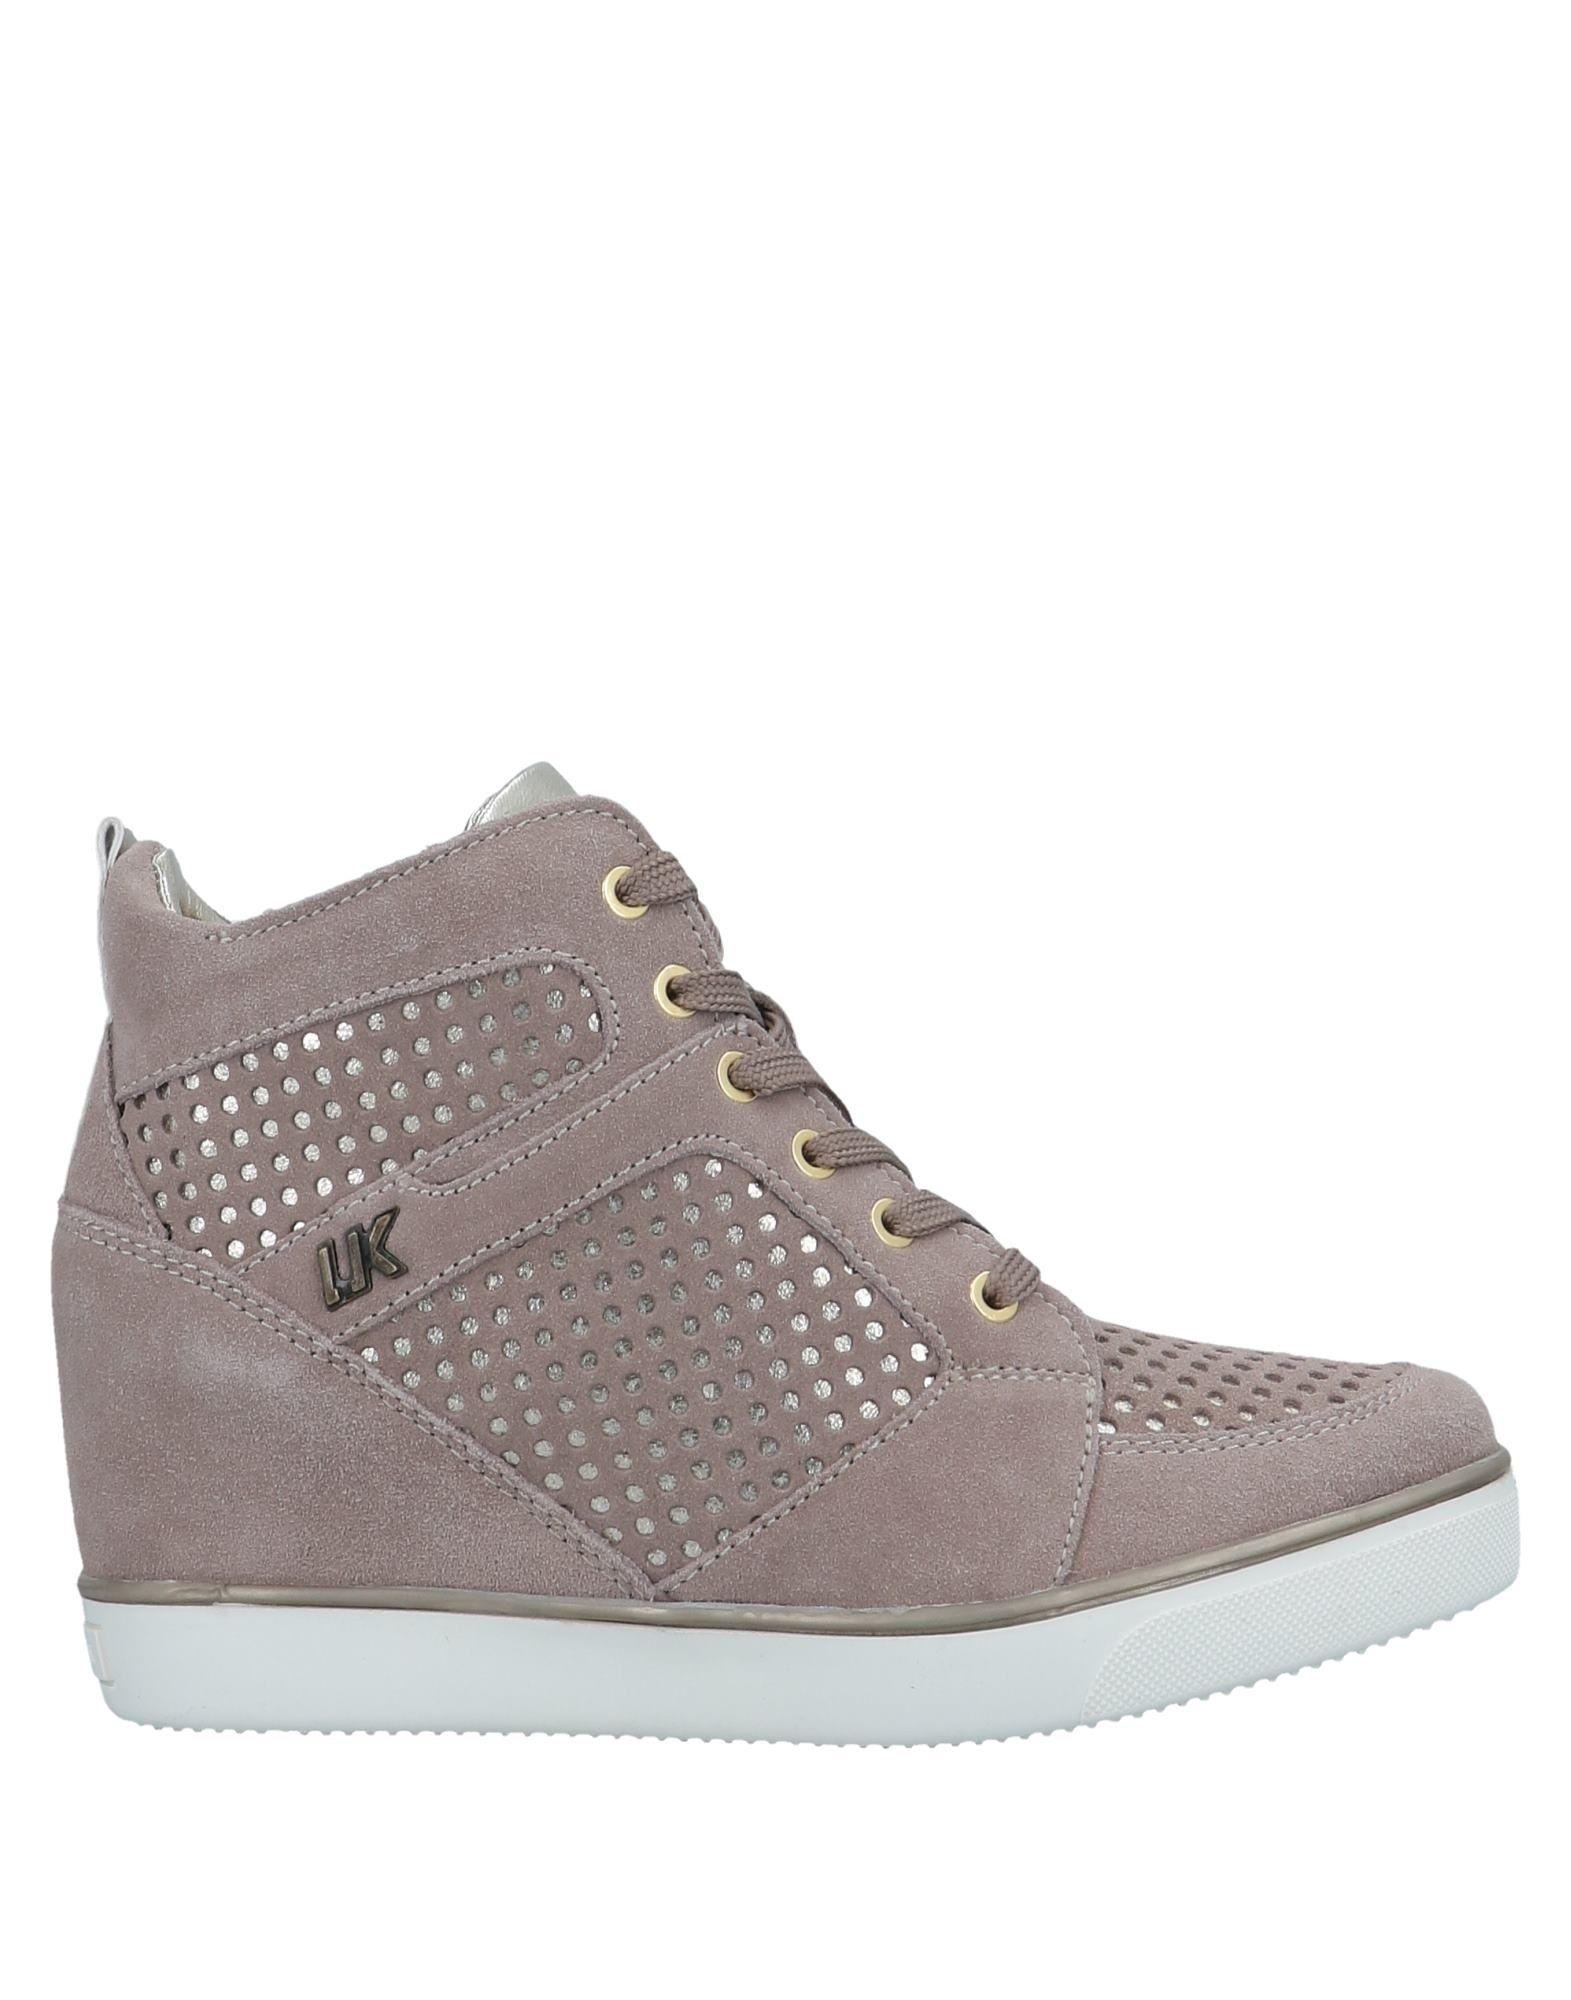 Lumberjack Sneakers - Women Lumberjack Sneakers - online on  Canada - Sneakers 11561242LI ce859b